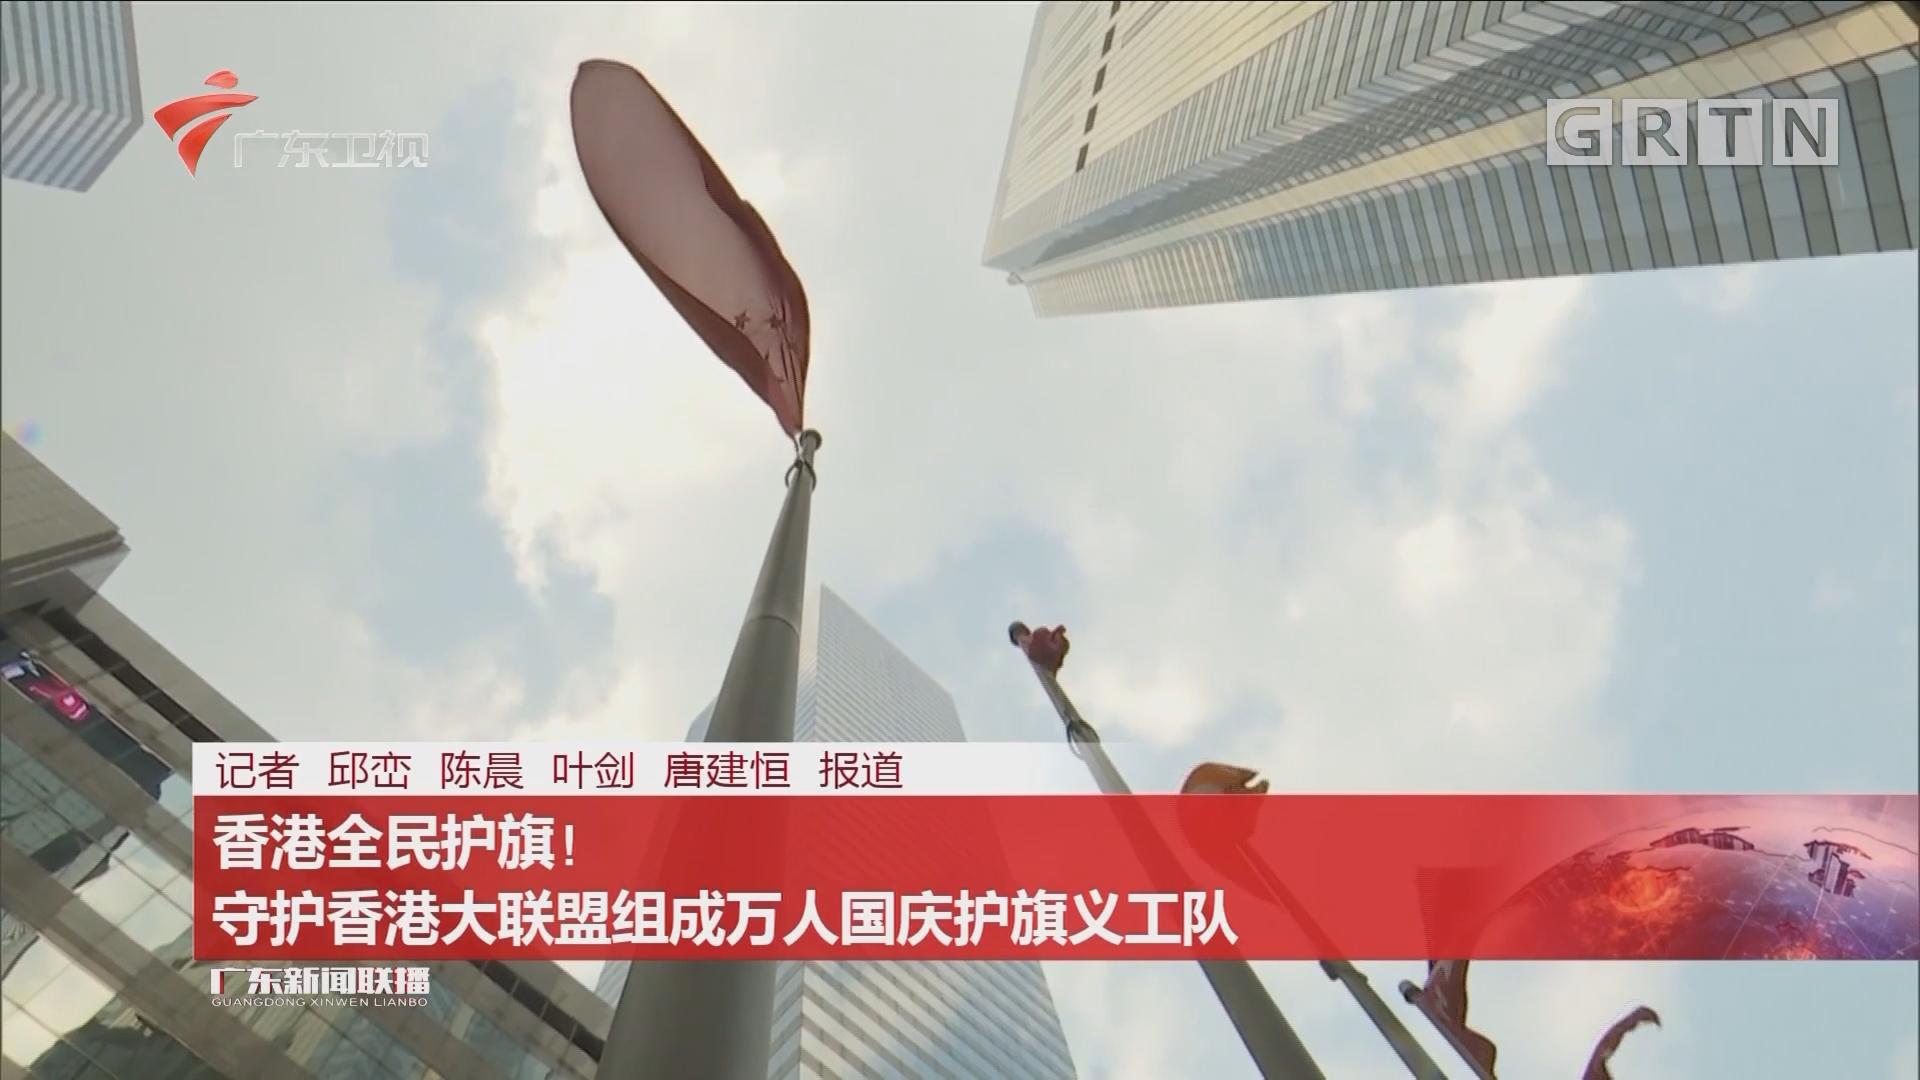 香港全民护旗! 守护香港大联盟组成万人国庆护旗义工队